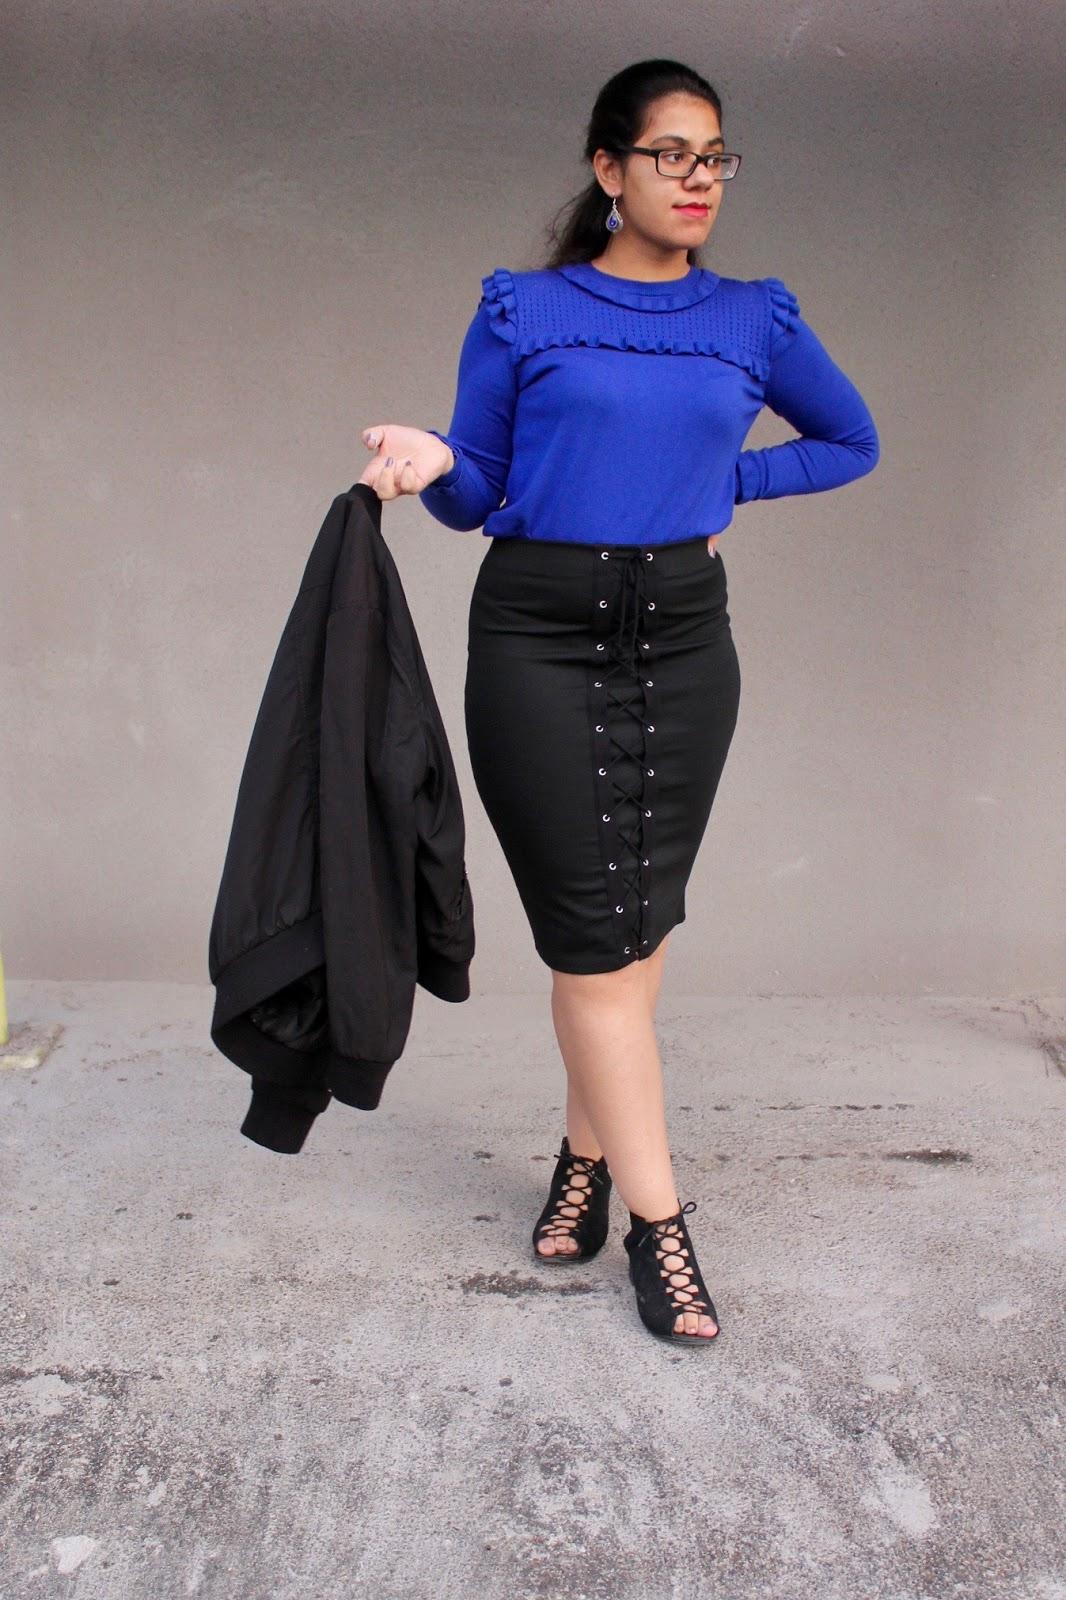 Primark Skirt & Bomber Jacket